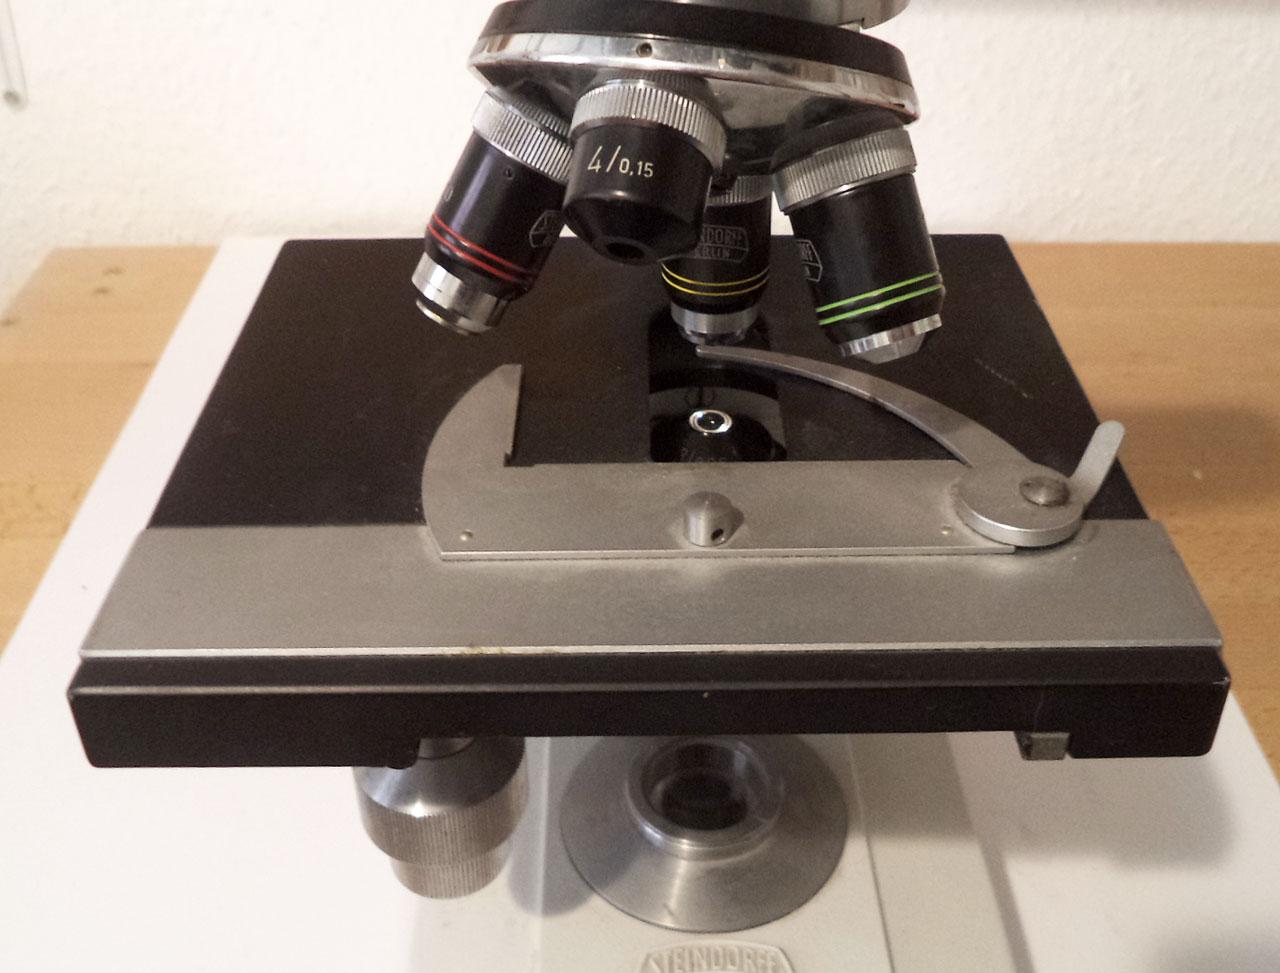 Der objekttisch eines mikroskops